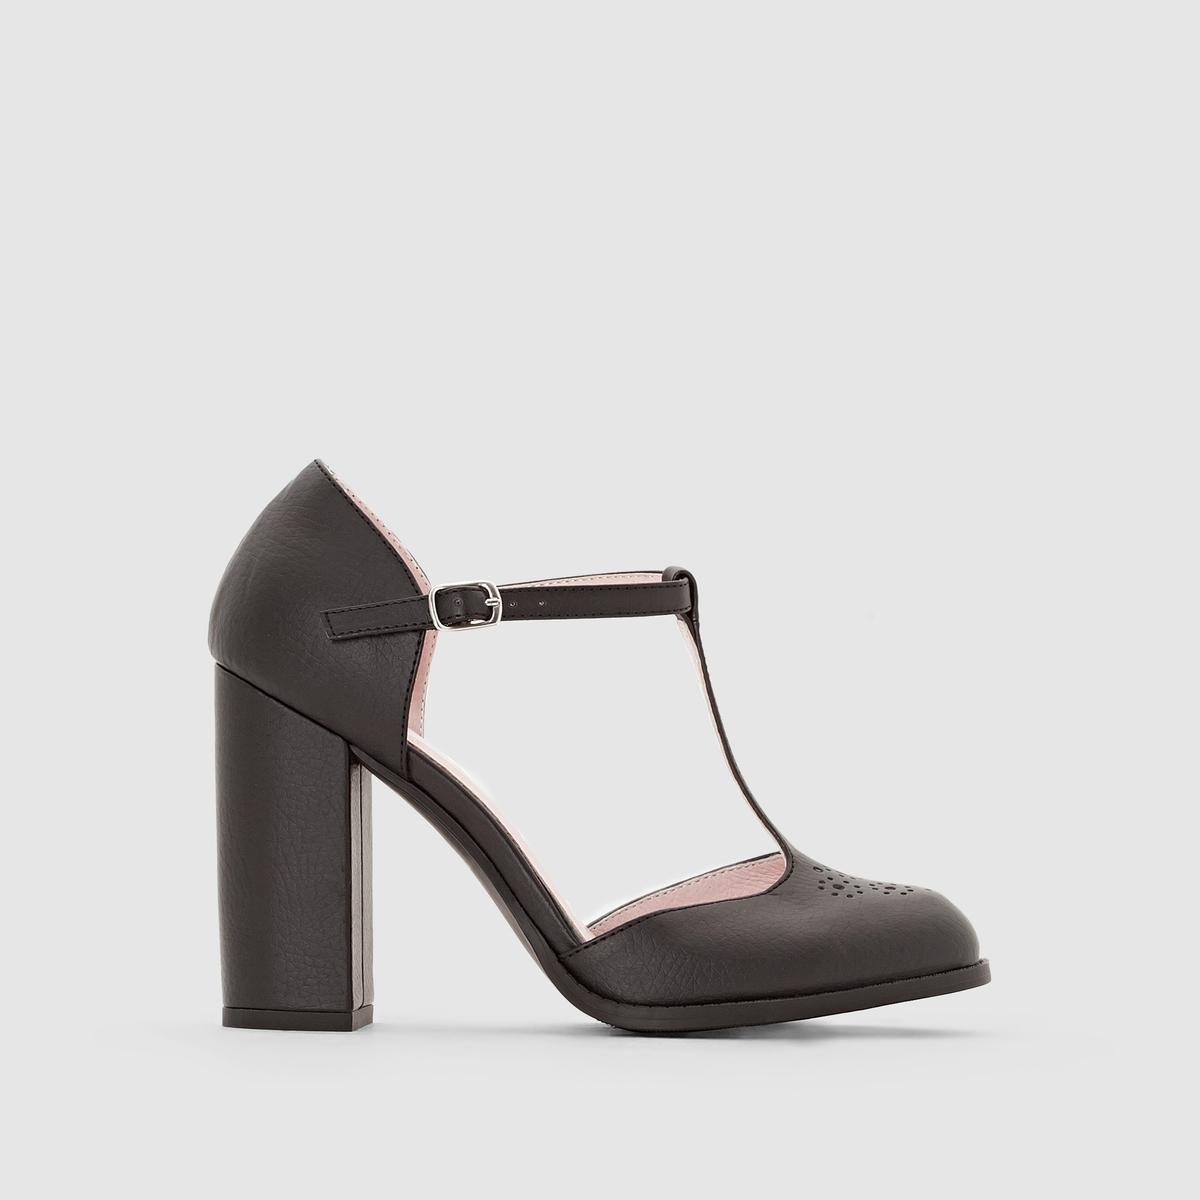 Туфли с ремешком на высоком каблукеПреимущества : Очень модные туфли с высоким каблуком и ремешком вокруг щиколотки.<br><br>Цвет: черный<br>Размер: 40